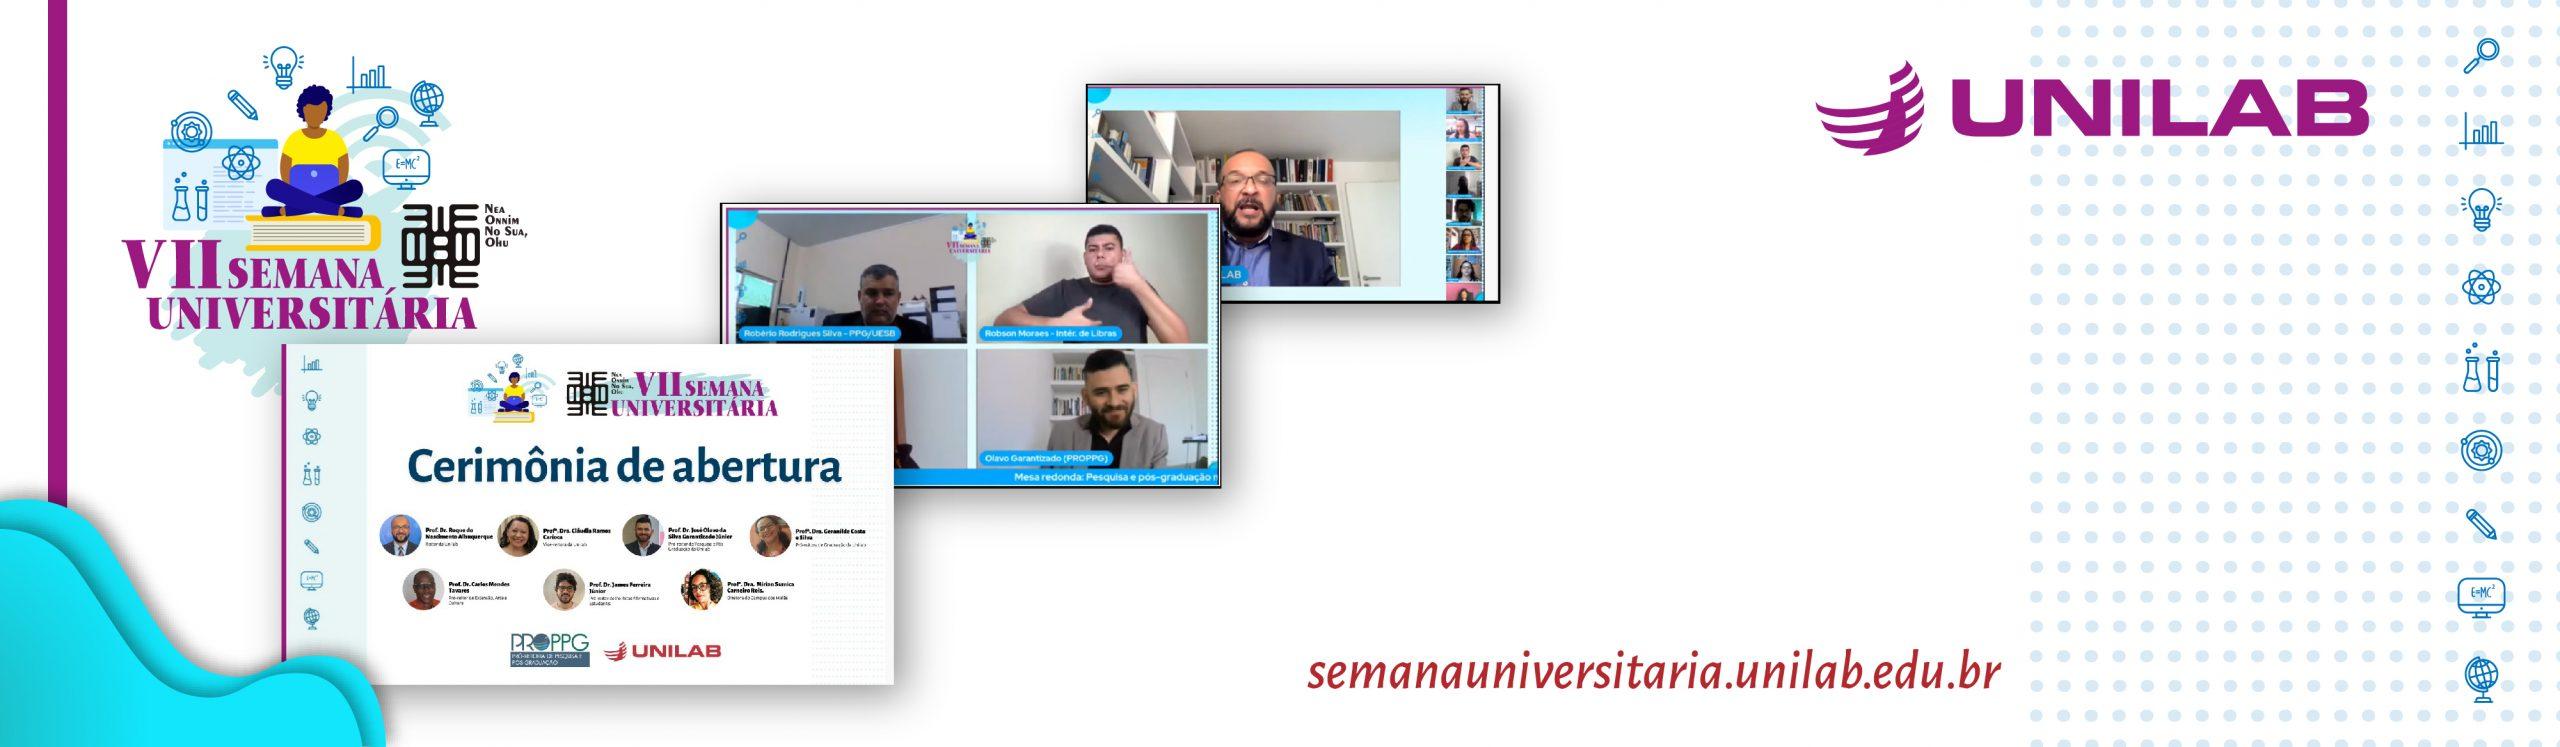 Imagem referente a postagem de título VII Semuni mostra a importância das parcerias, adaptaçõe...